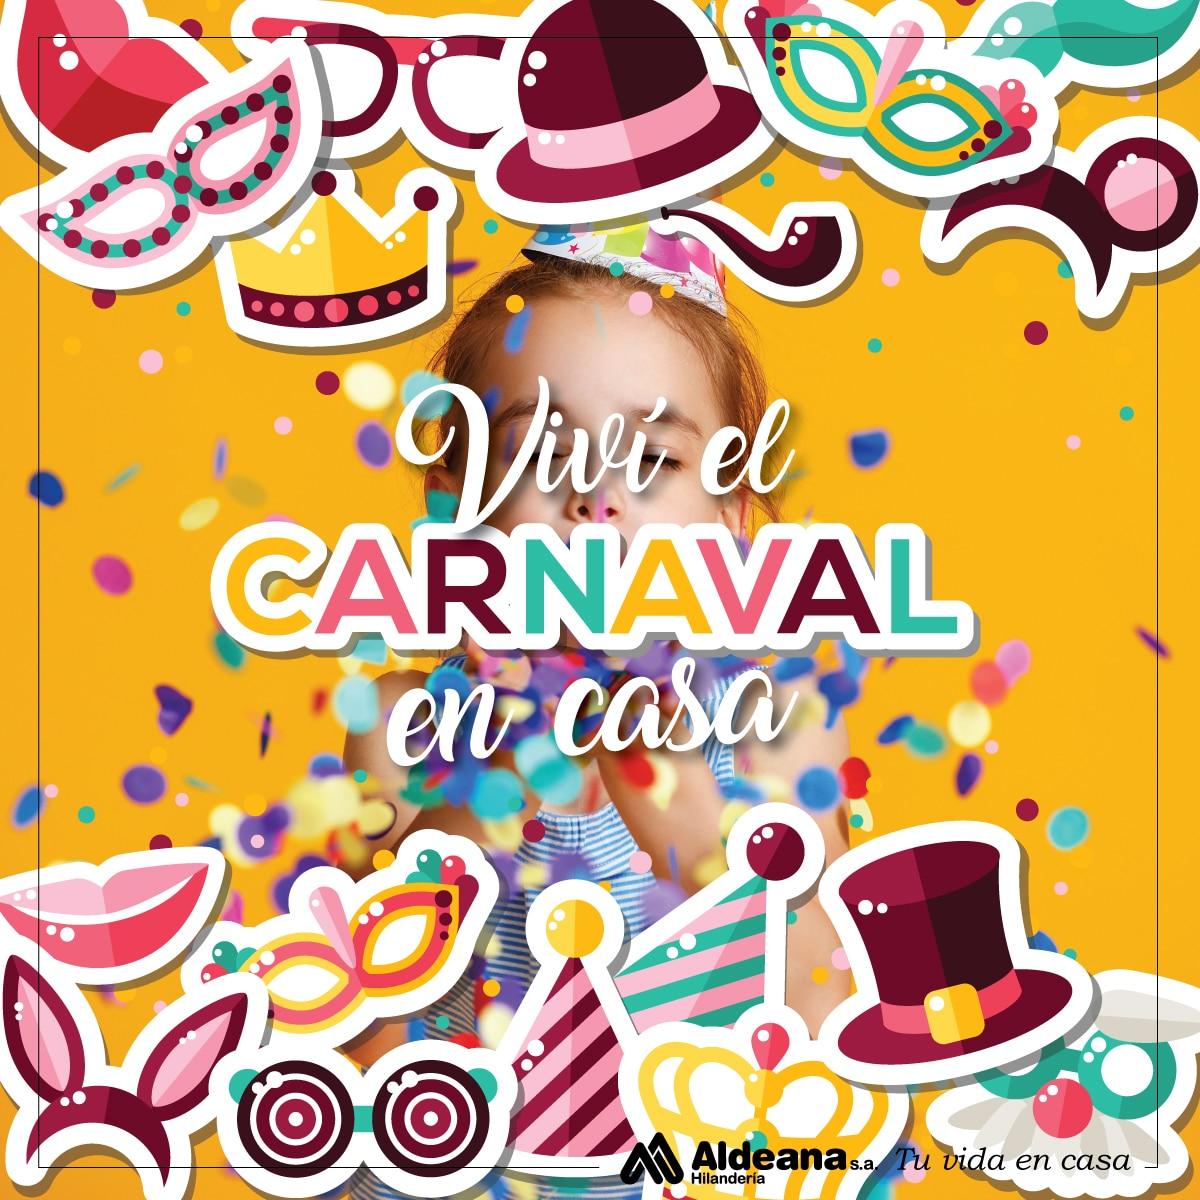 Viví el Carnaval en casa